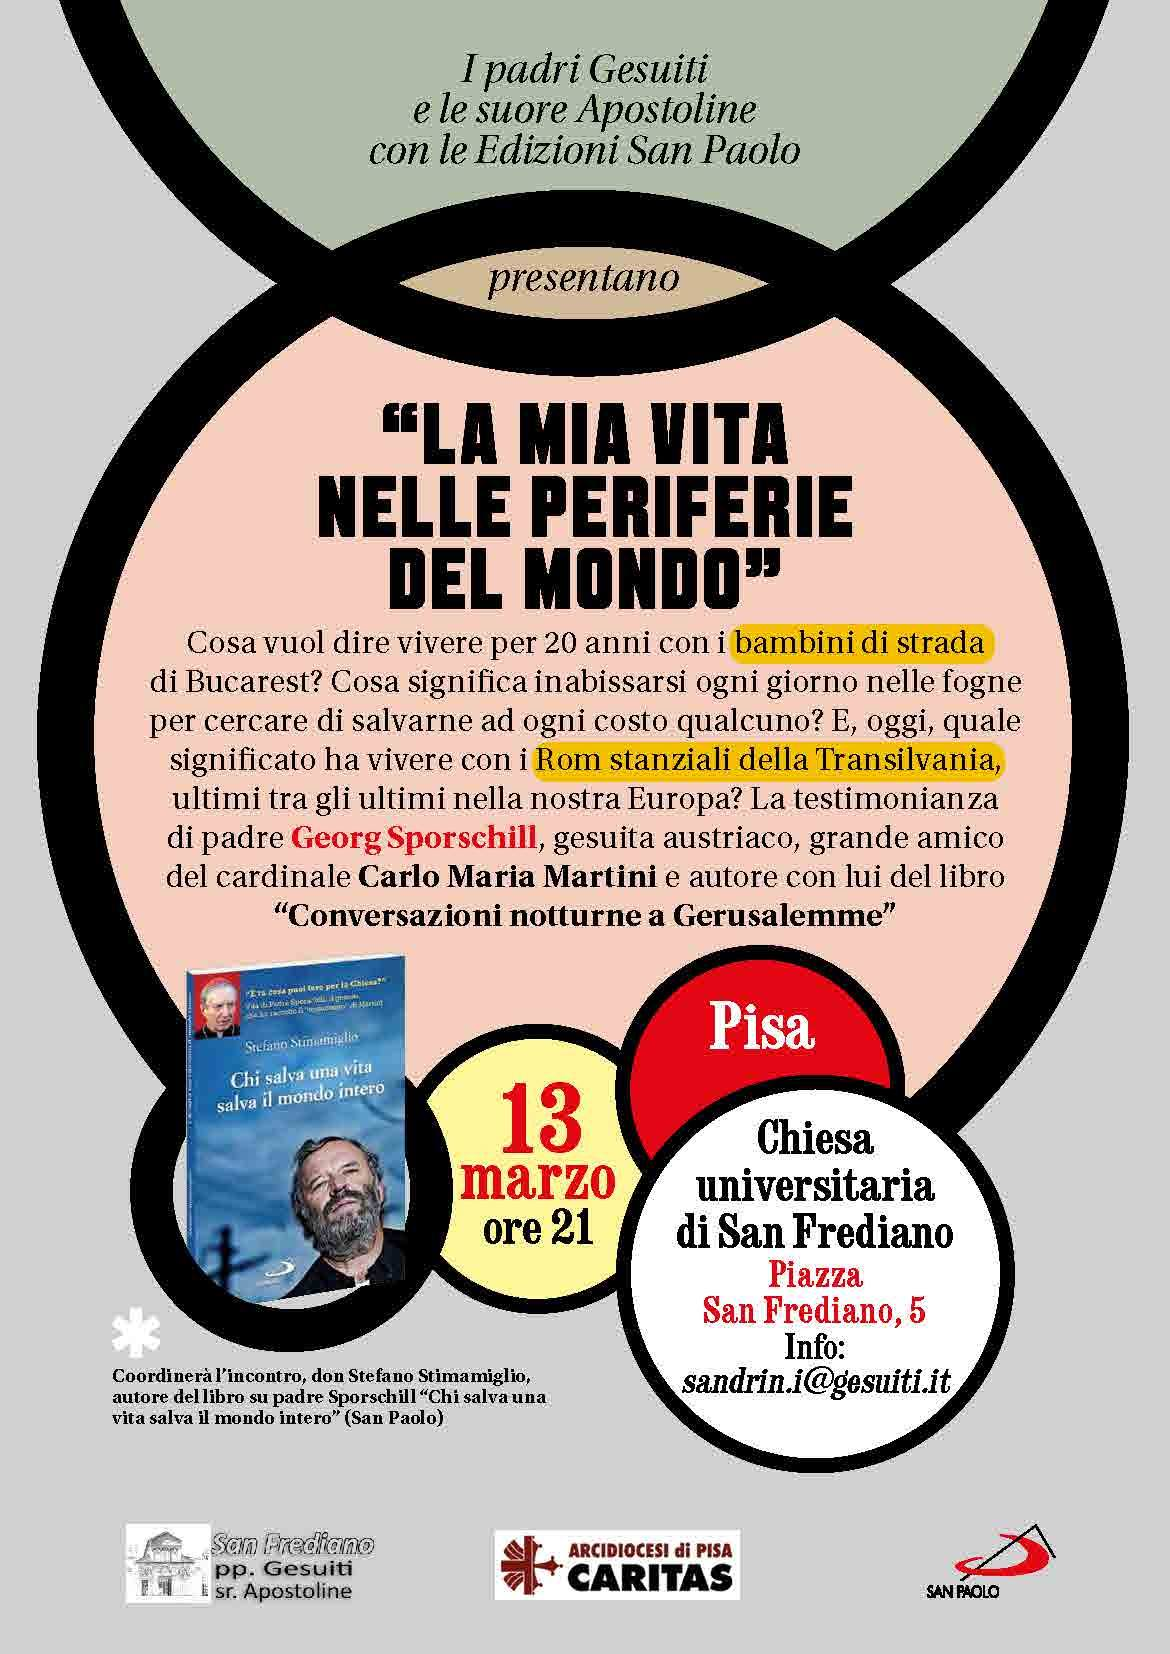 13 marzo, Pisa